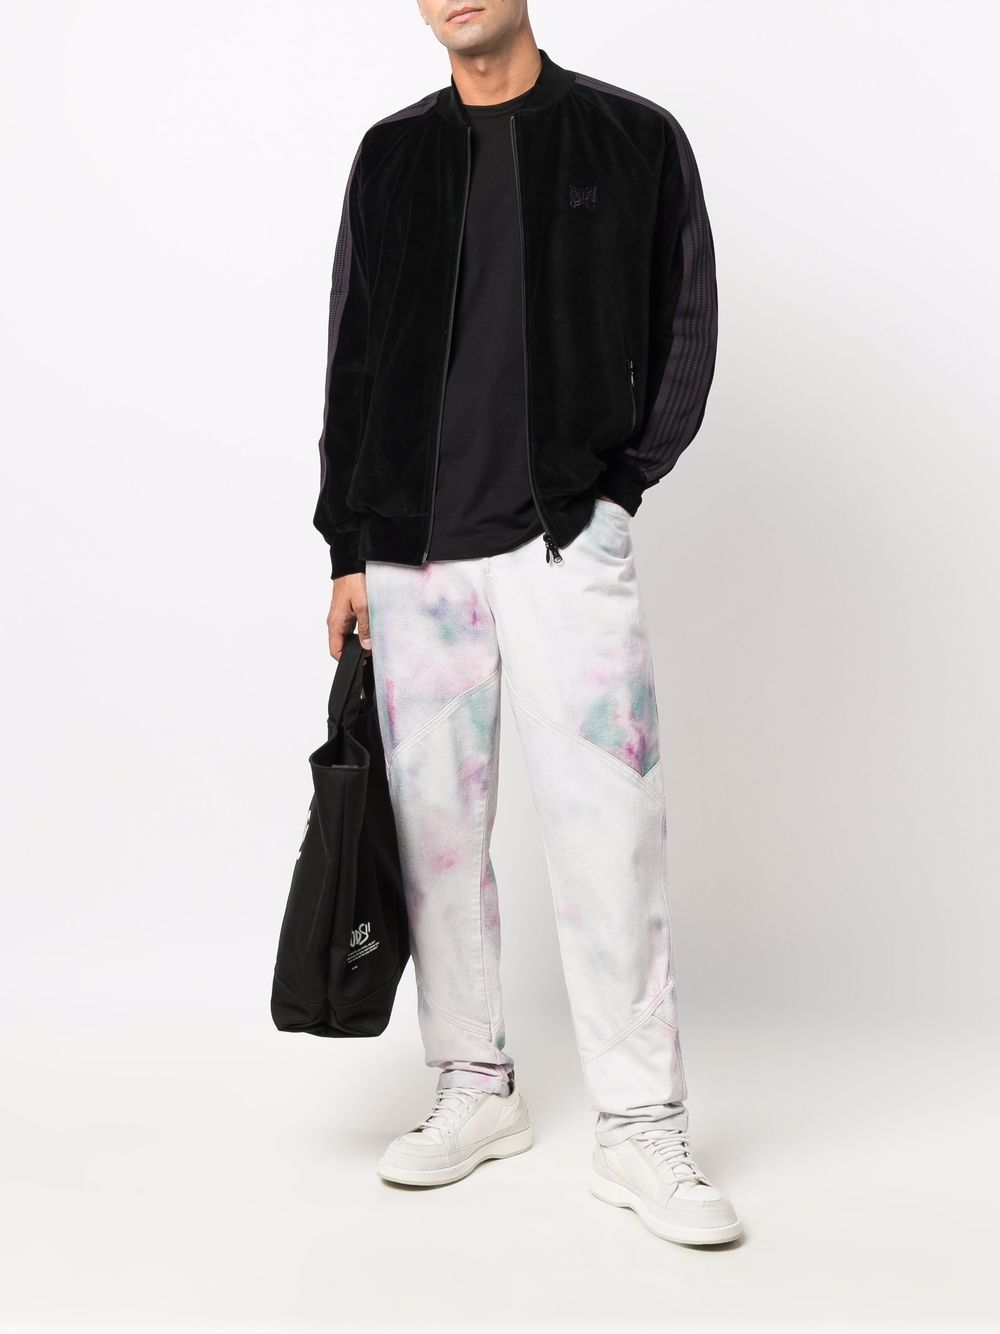 giacca leggera uomo nera in rayon NEEDLES | Giacche | JO227BLACK C